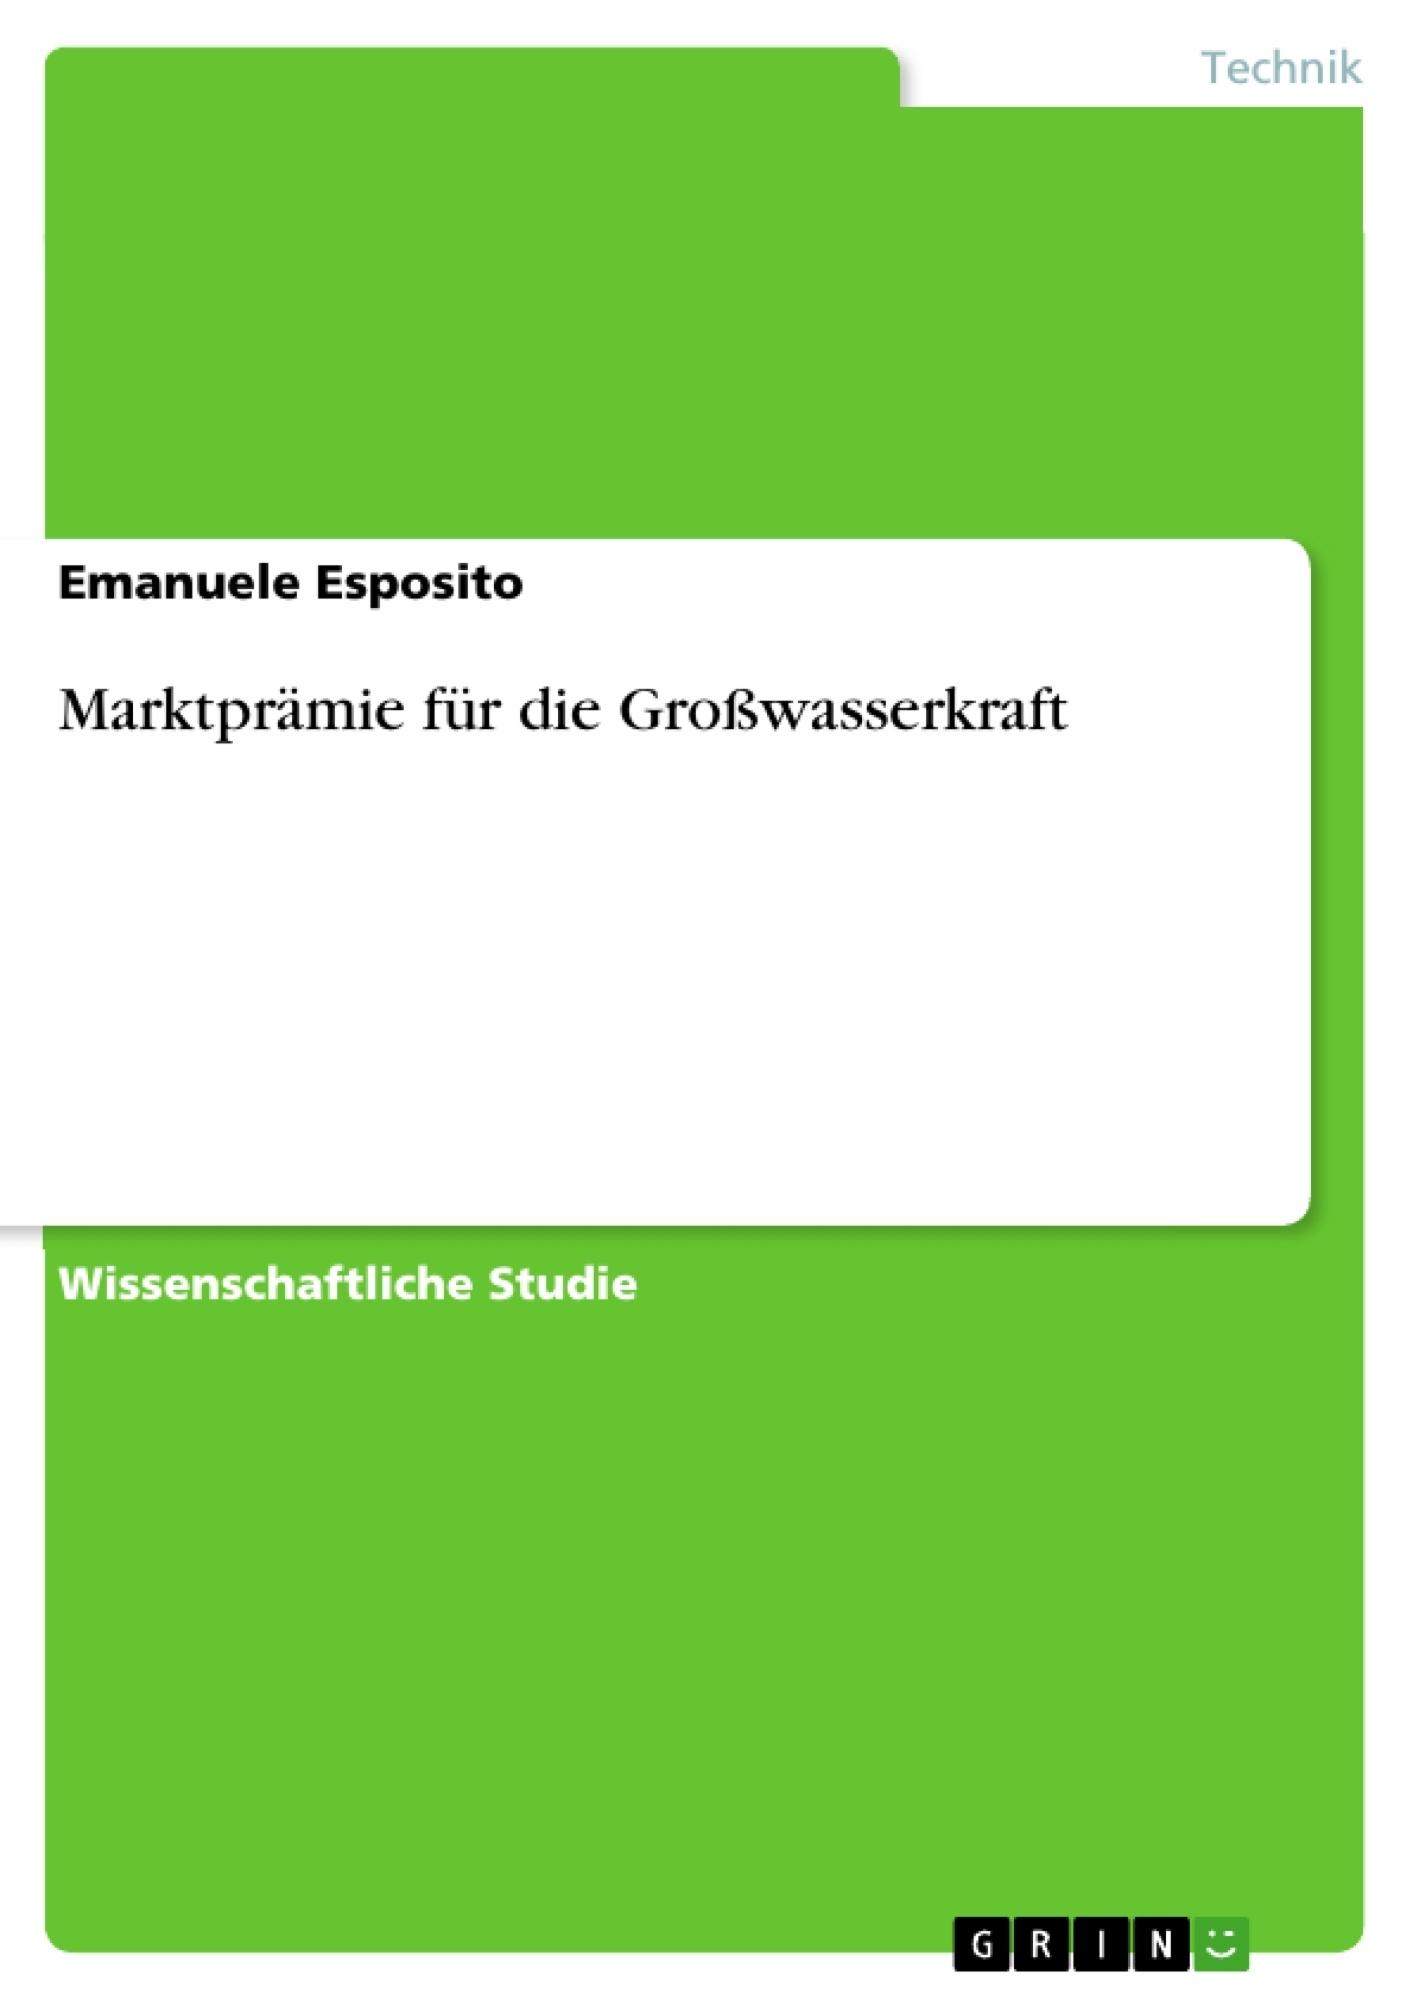 Titel: Marktprämie für die Großwasserkraft